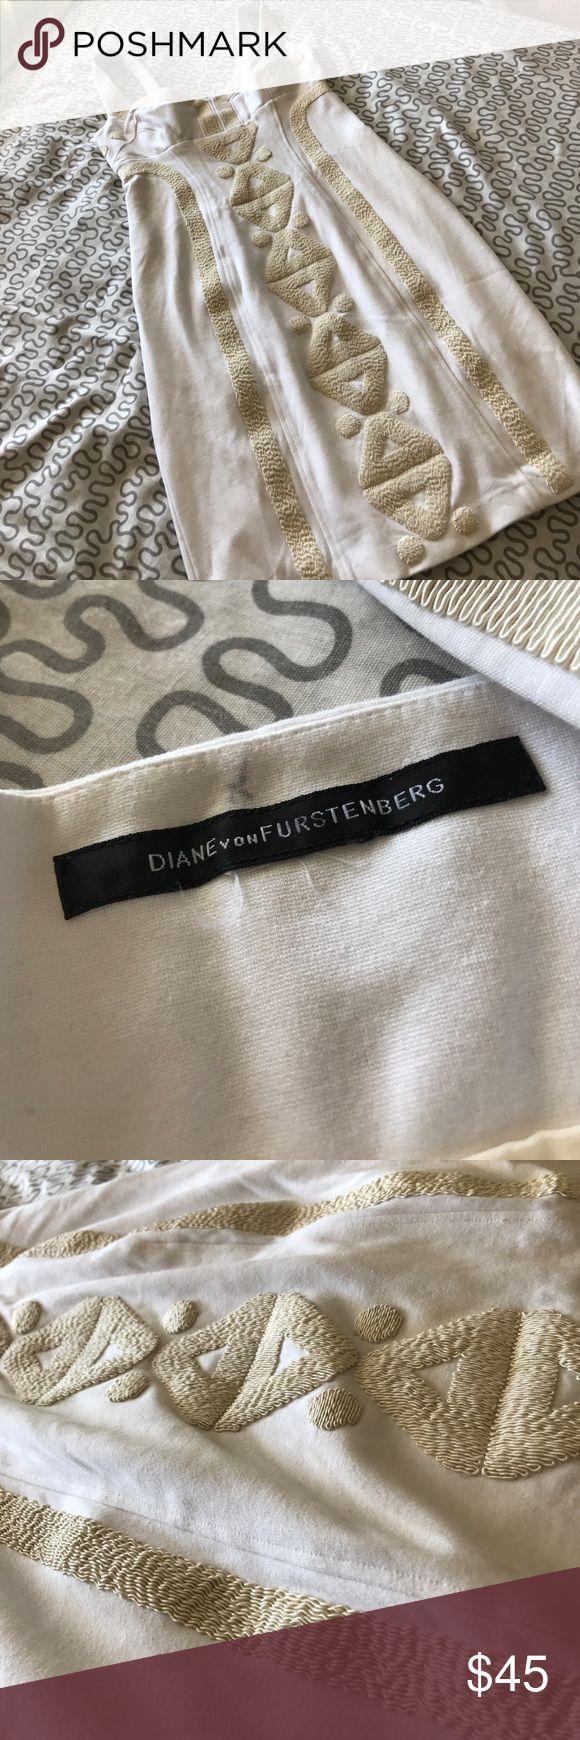 Diane Von Furstenberg dress Worn once. Diane von Furstenberg Dresses